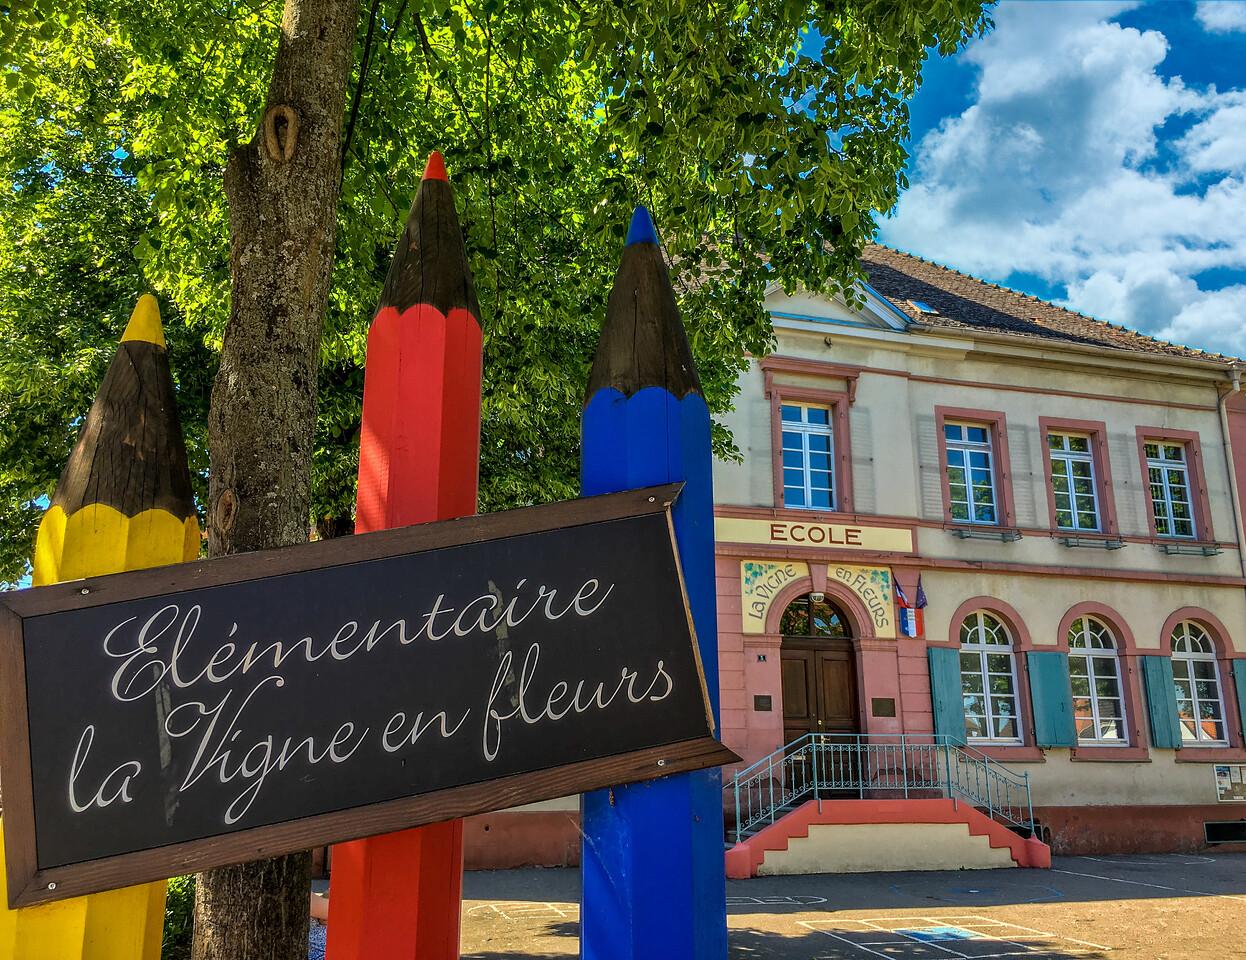 Even the School of Eguisheim is picturesque!